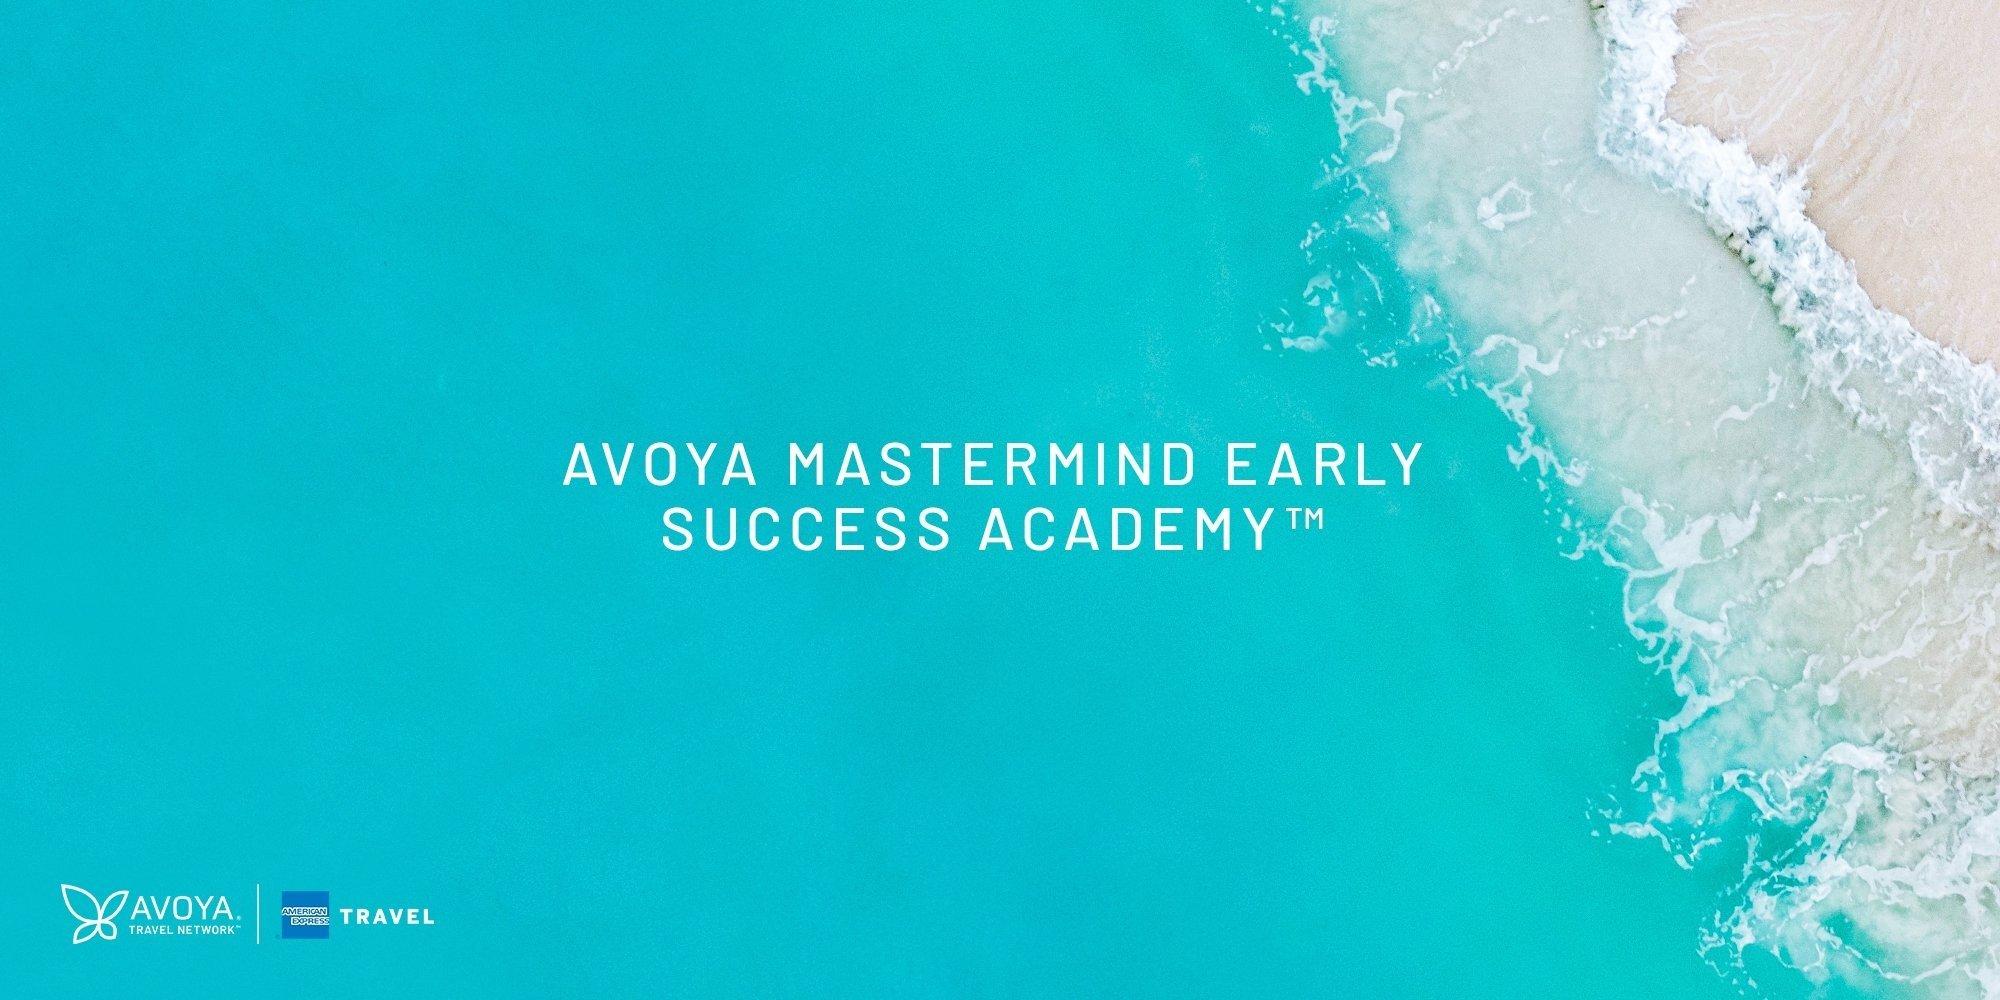 Riviera Maya, Mexico: Avoya Mastermind Early Success Academy™